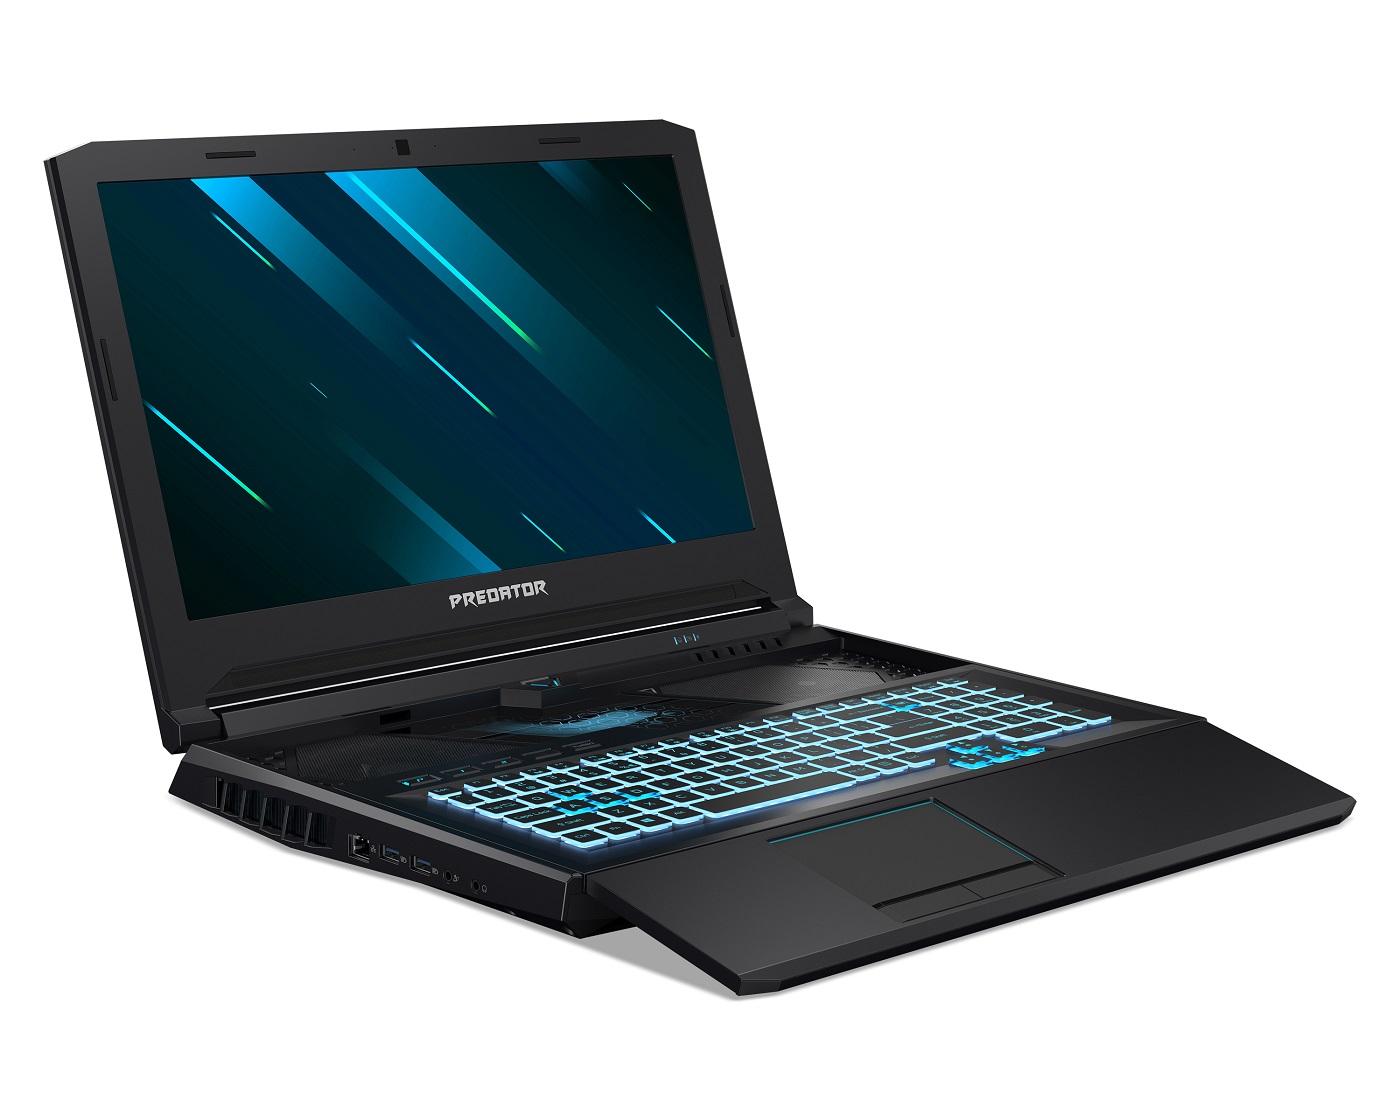 Acer annuncia i notebook predator helios 700 e 300 con un nuovo